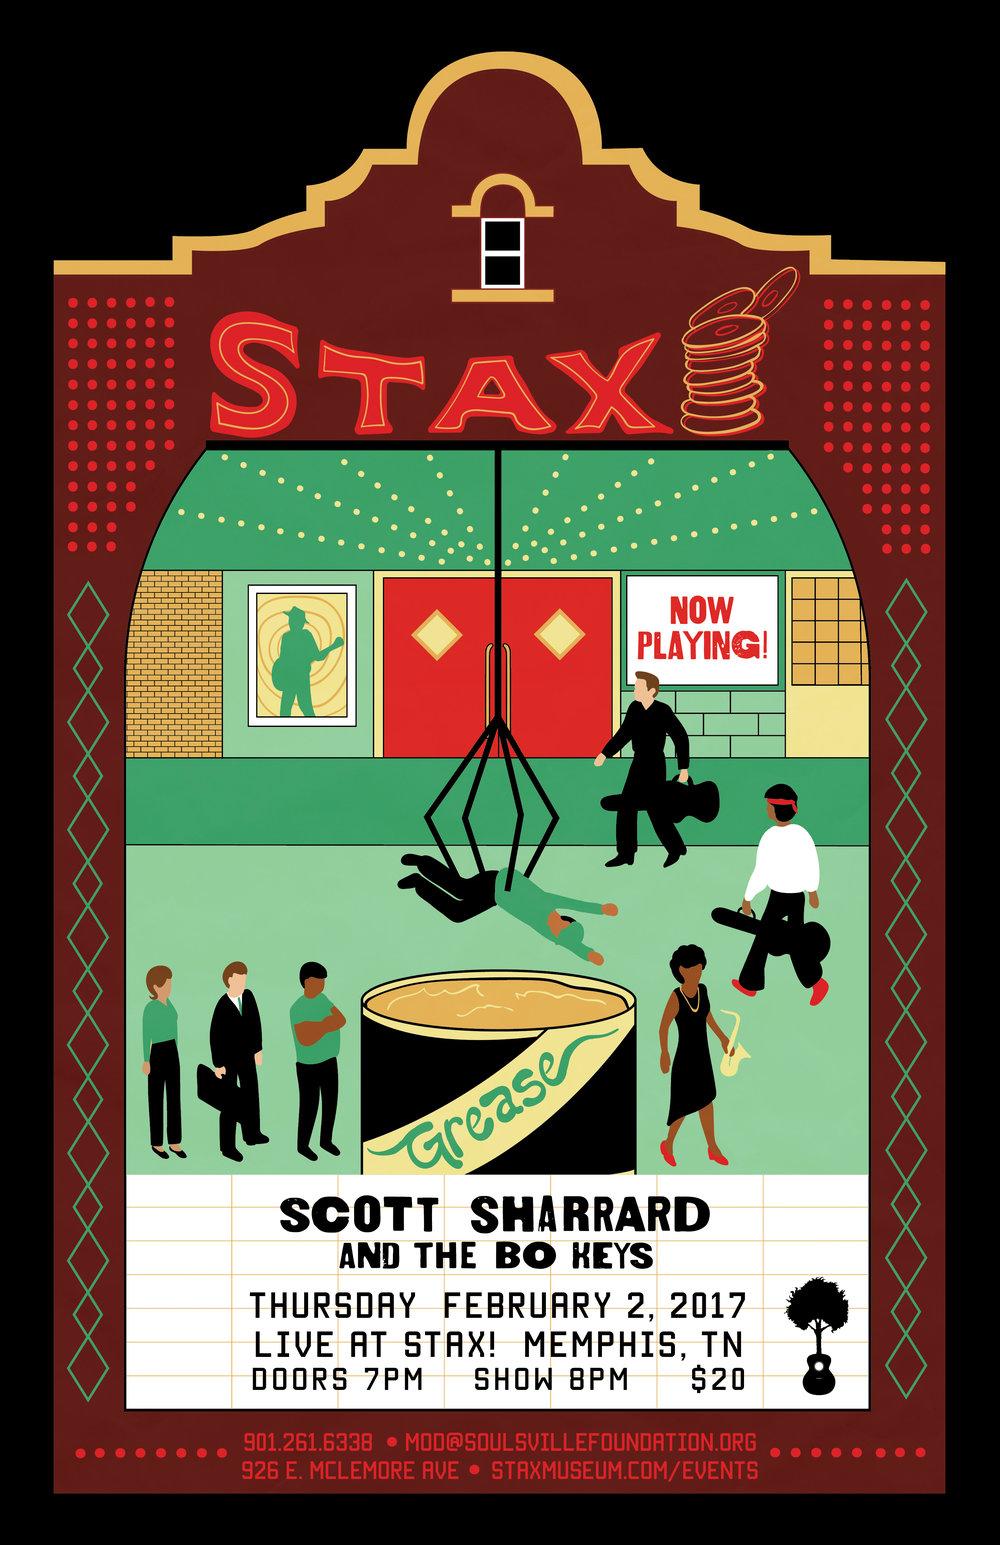 ScottSharrard_Stax-web.jpg